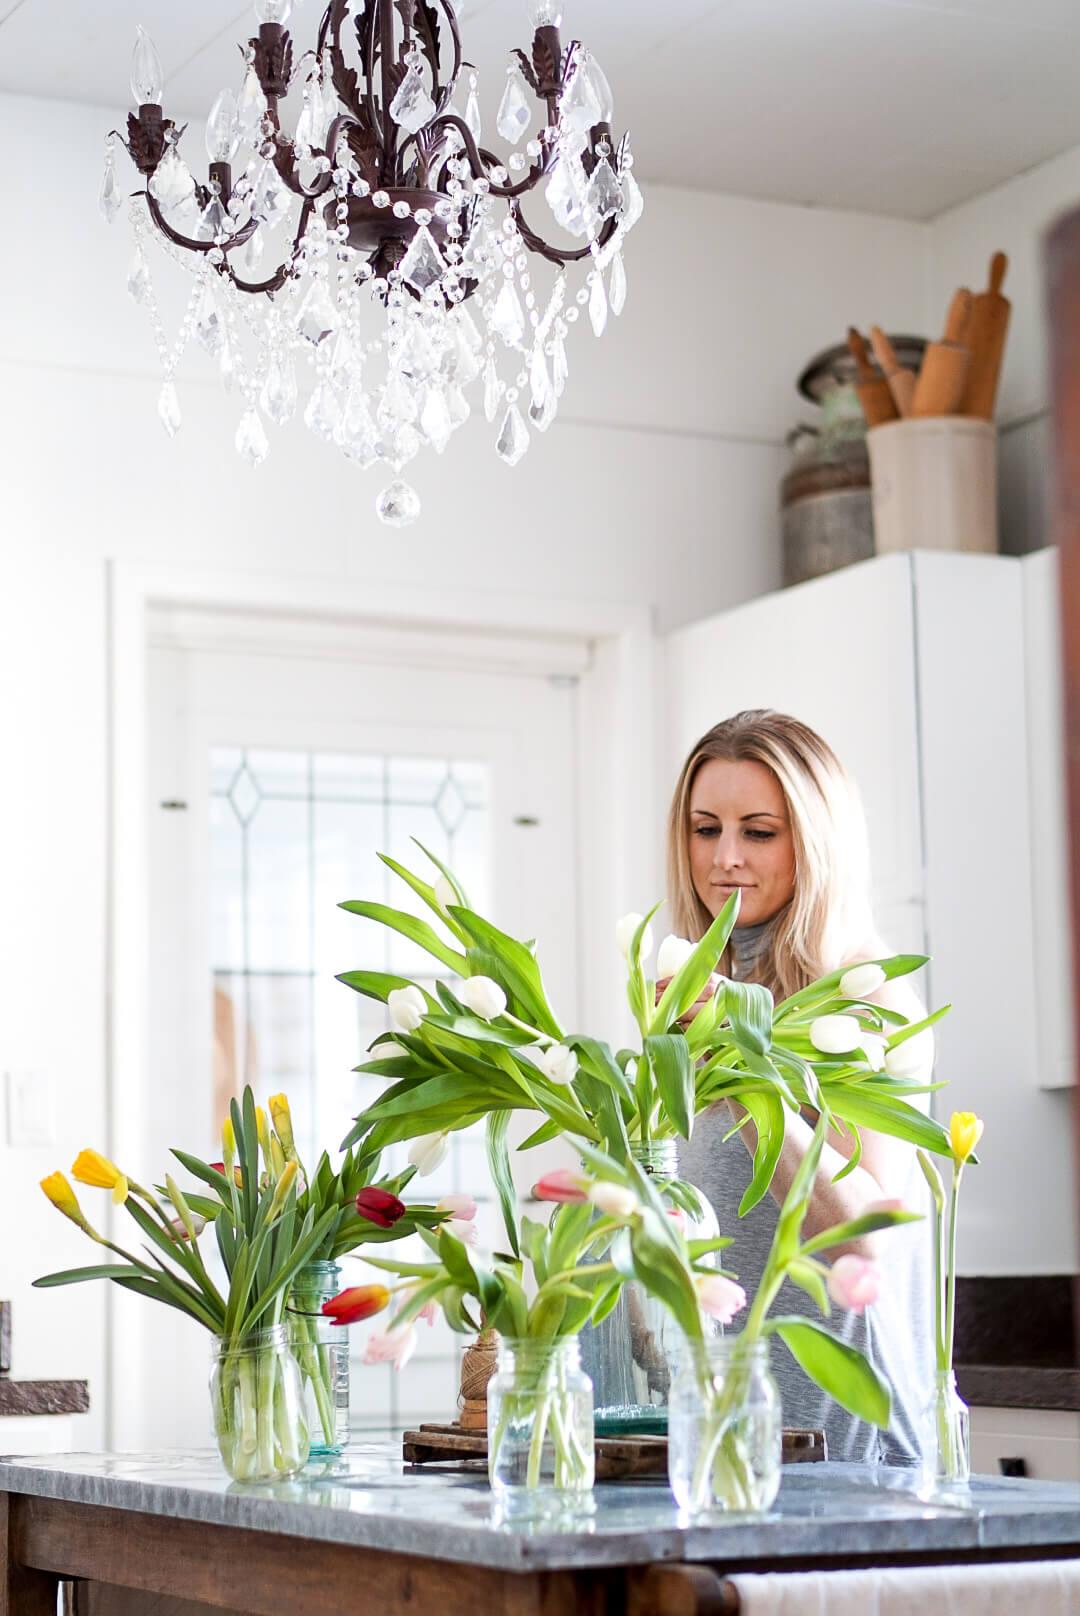 homemade flower food hacks to help fresh cut flowers last longer